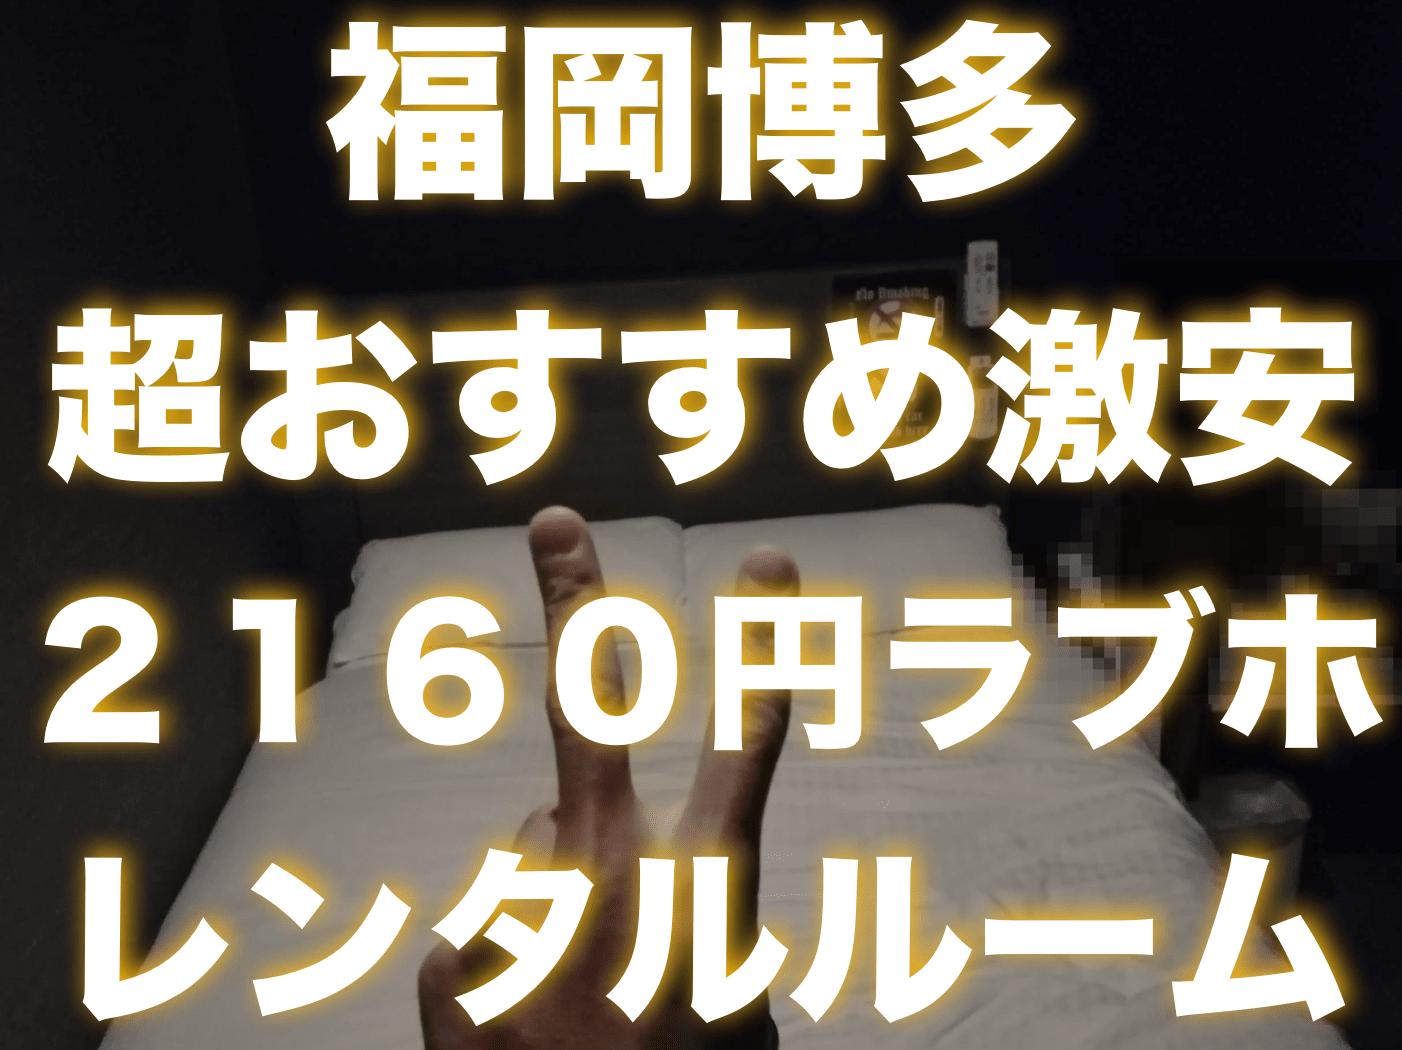 福岡天神のおすすめ激安ラブホテル・レンタルルームアッシュ